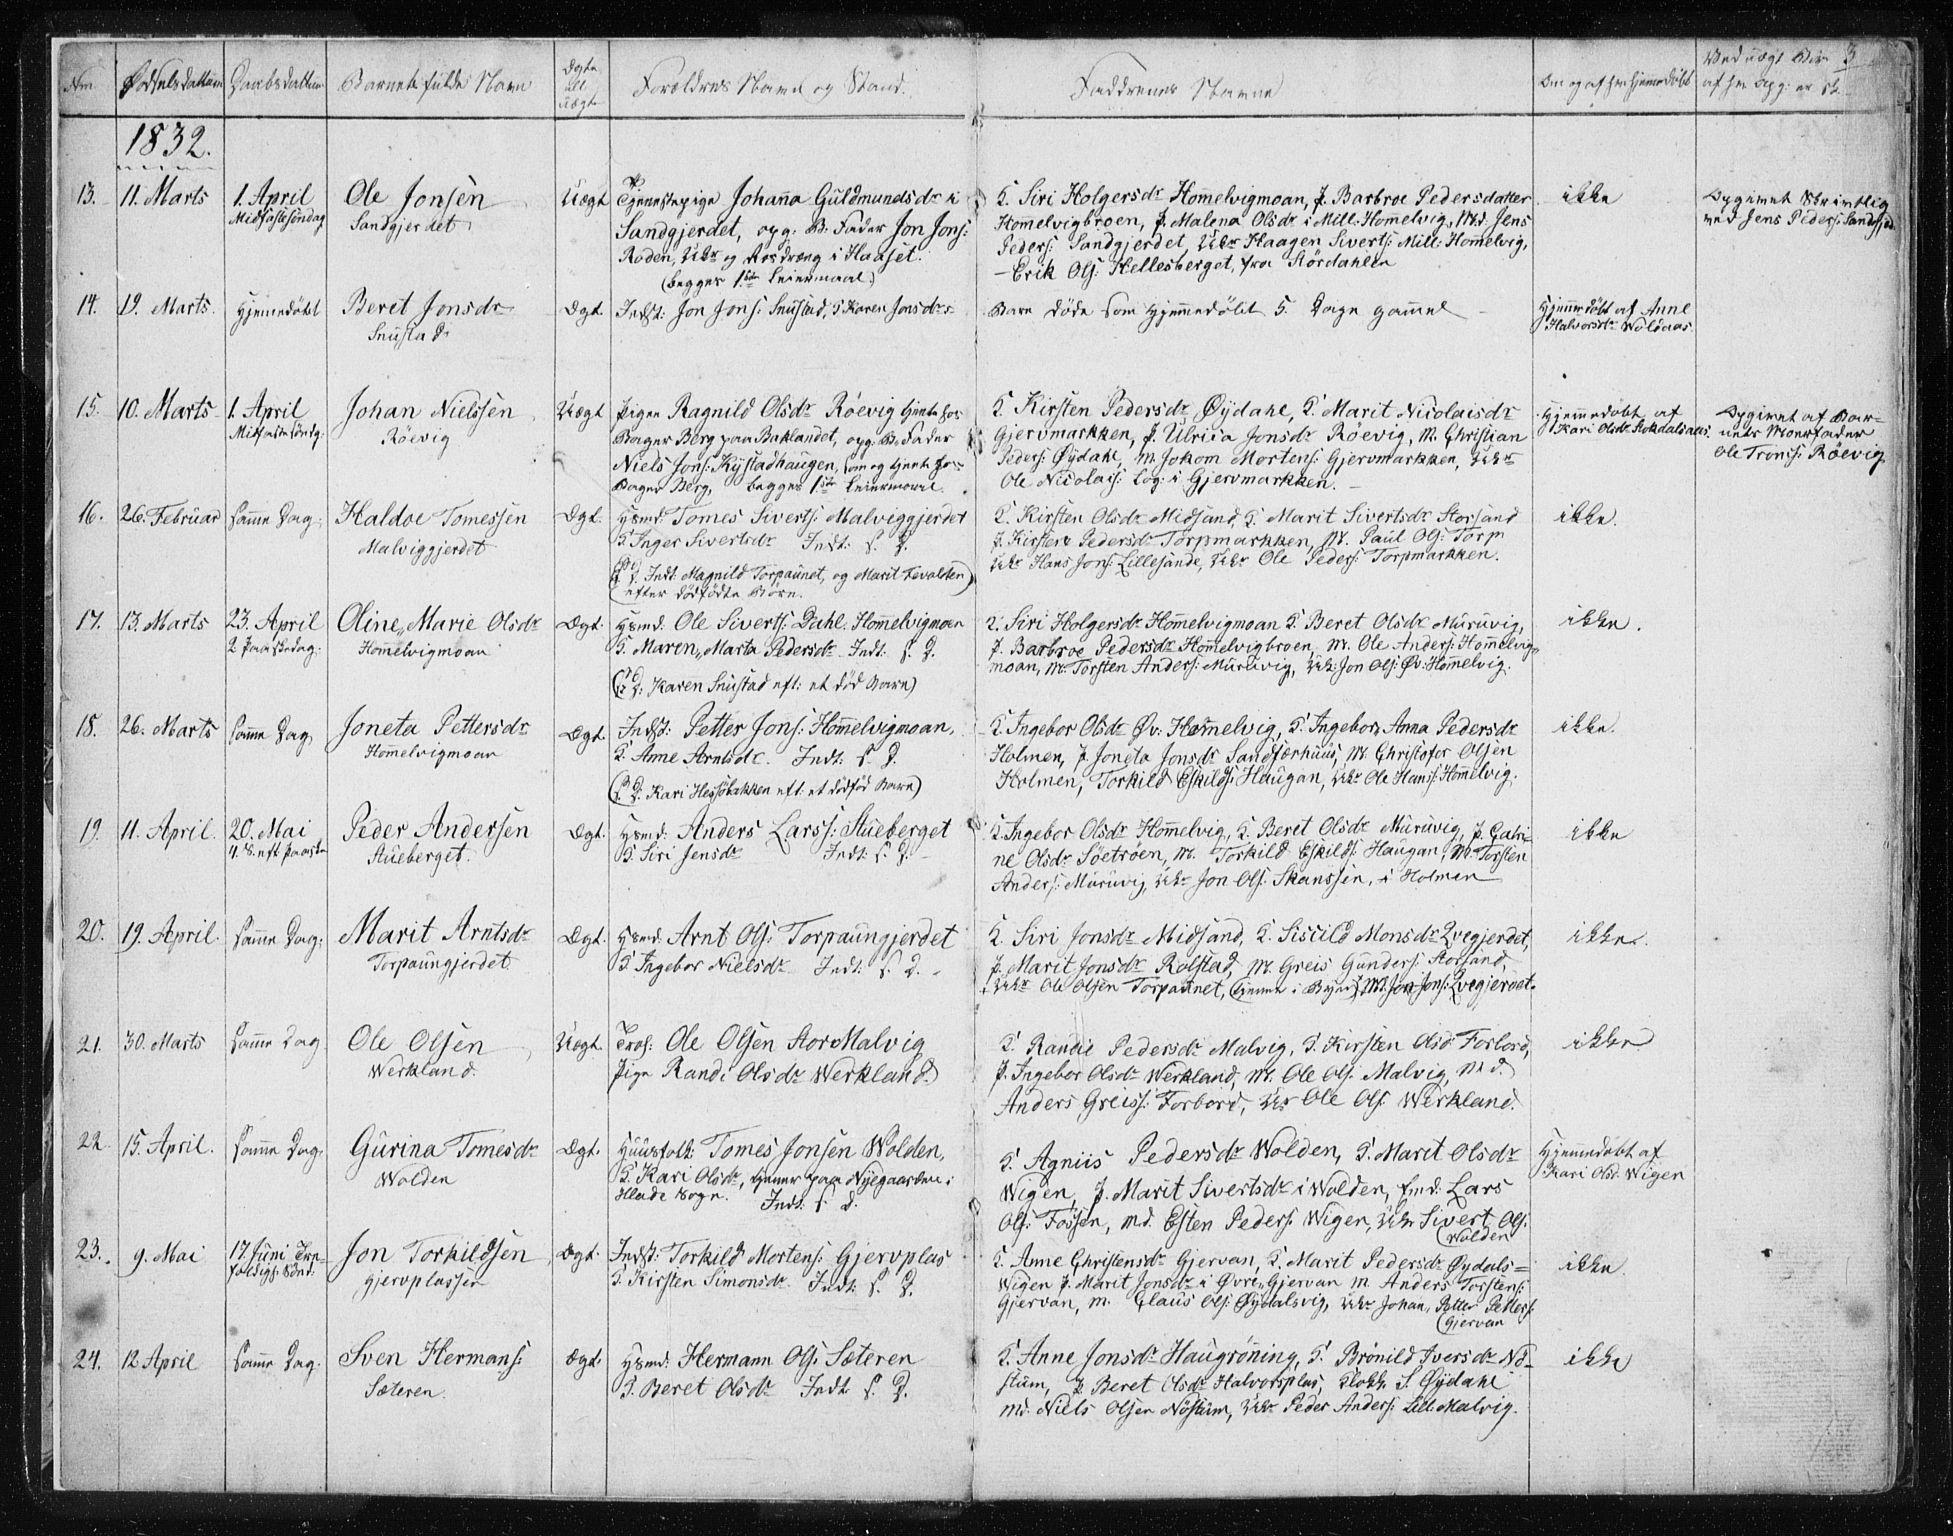 SAT, Ministerialprotokoller, klokkerbøker og fødselsregistre - Sør-Trøndelag, 616/L0405: Ministerialbok nr. 616A02, 1831-1842, s. 3